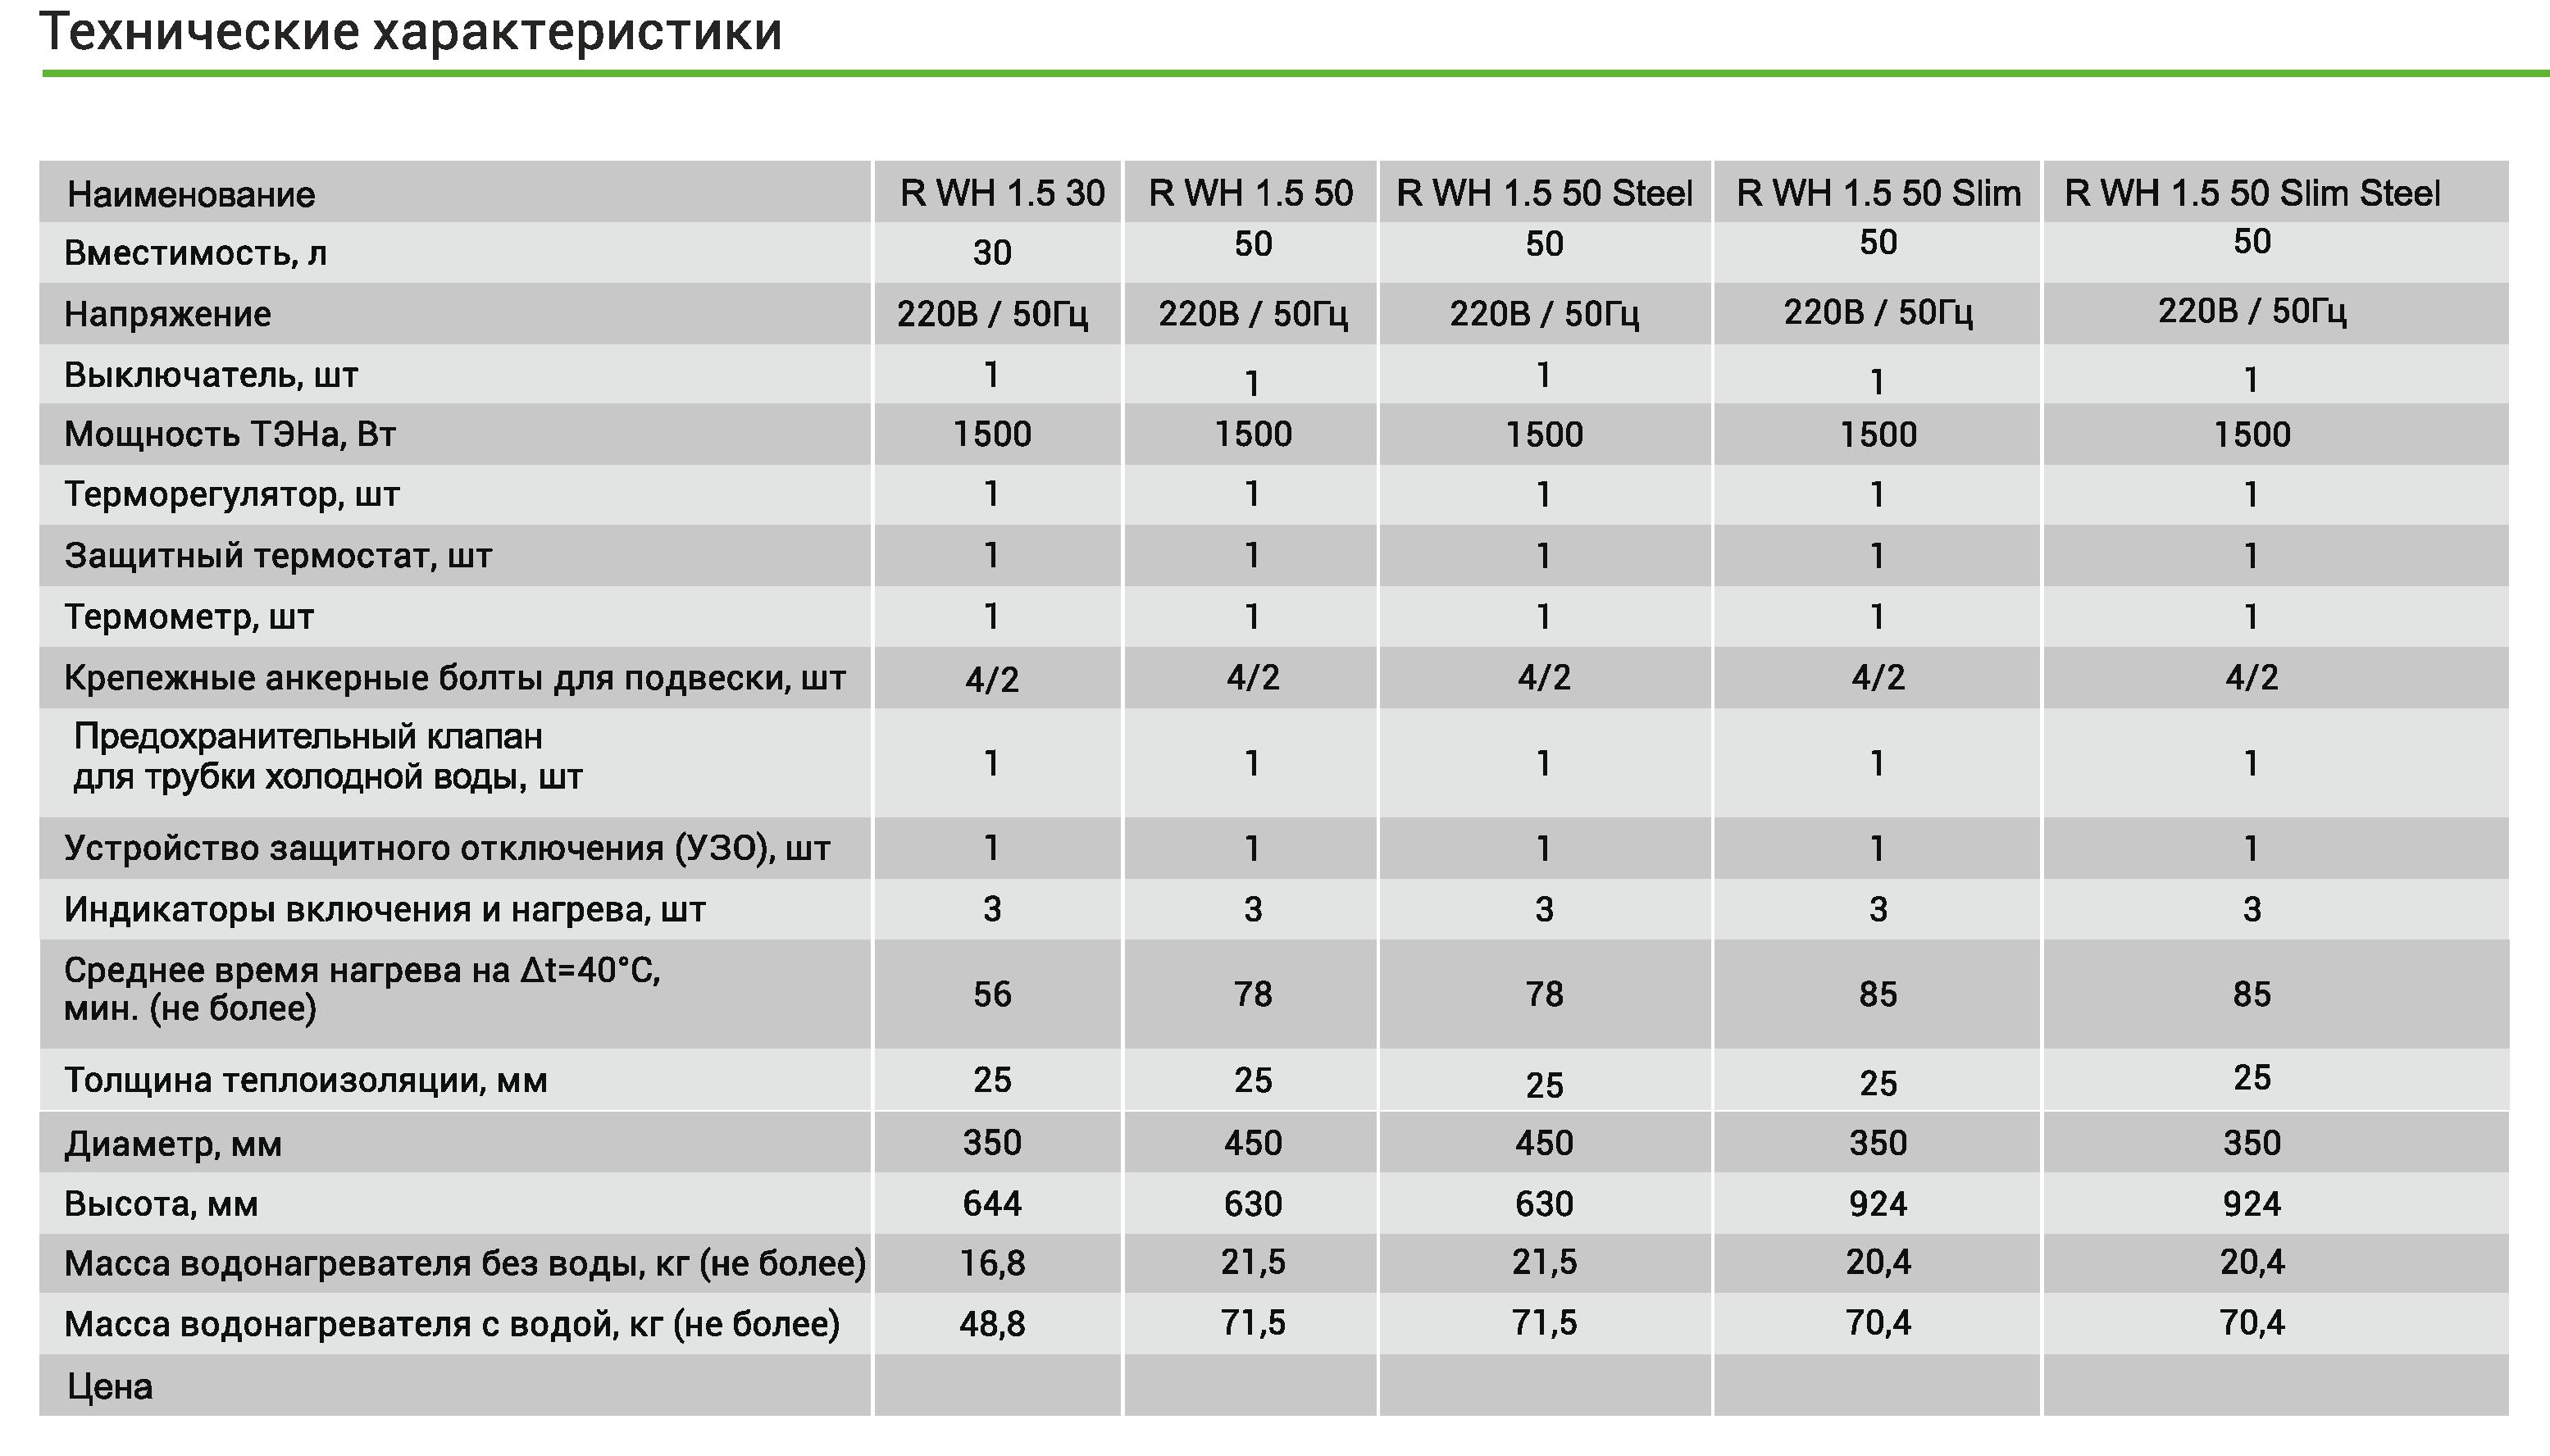 Технические характеристики бойлеров Artel